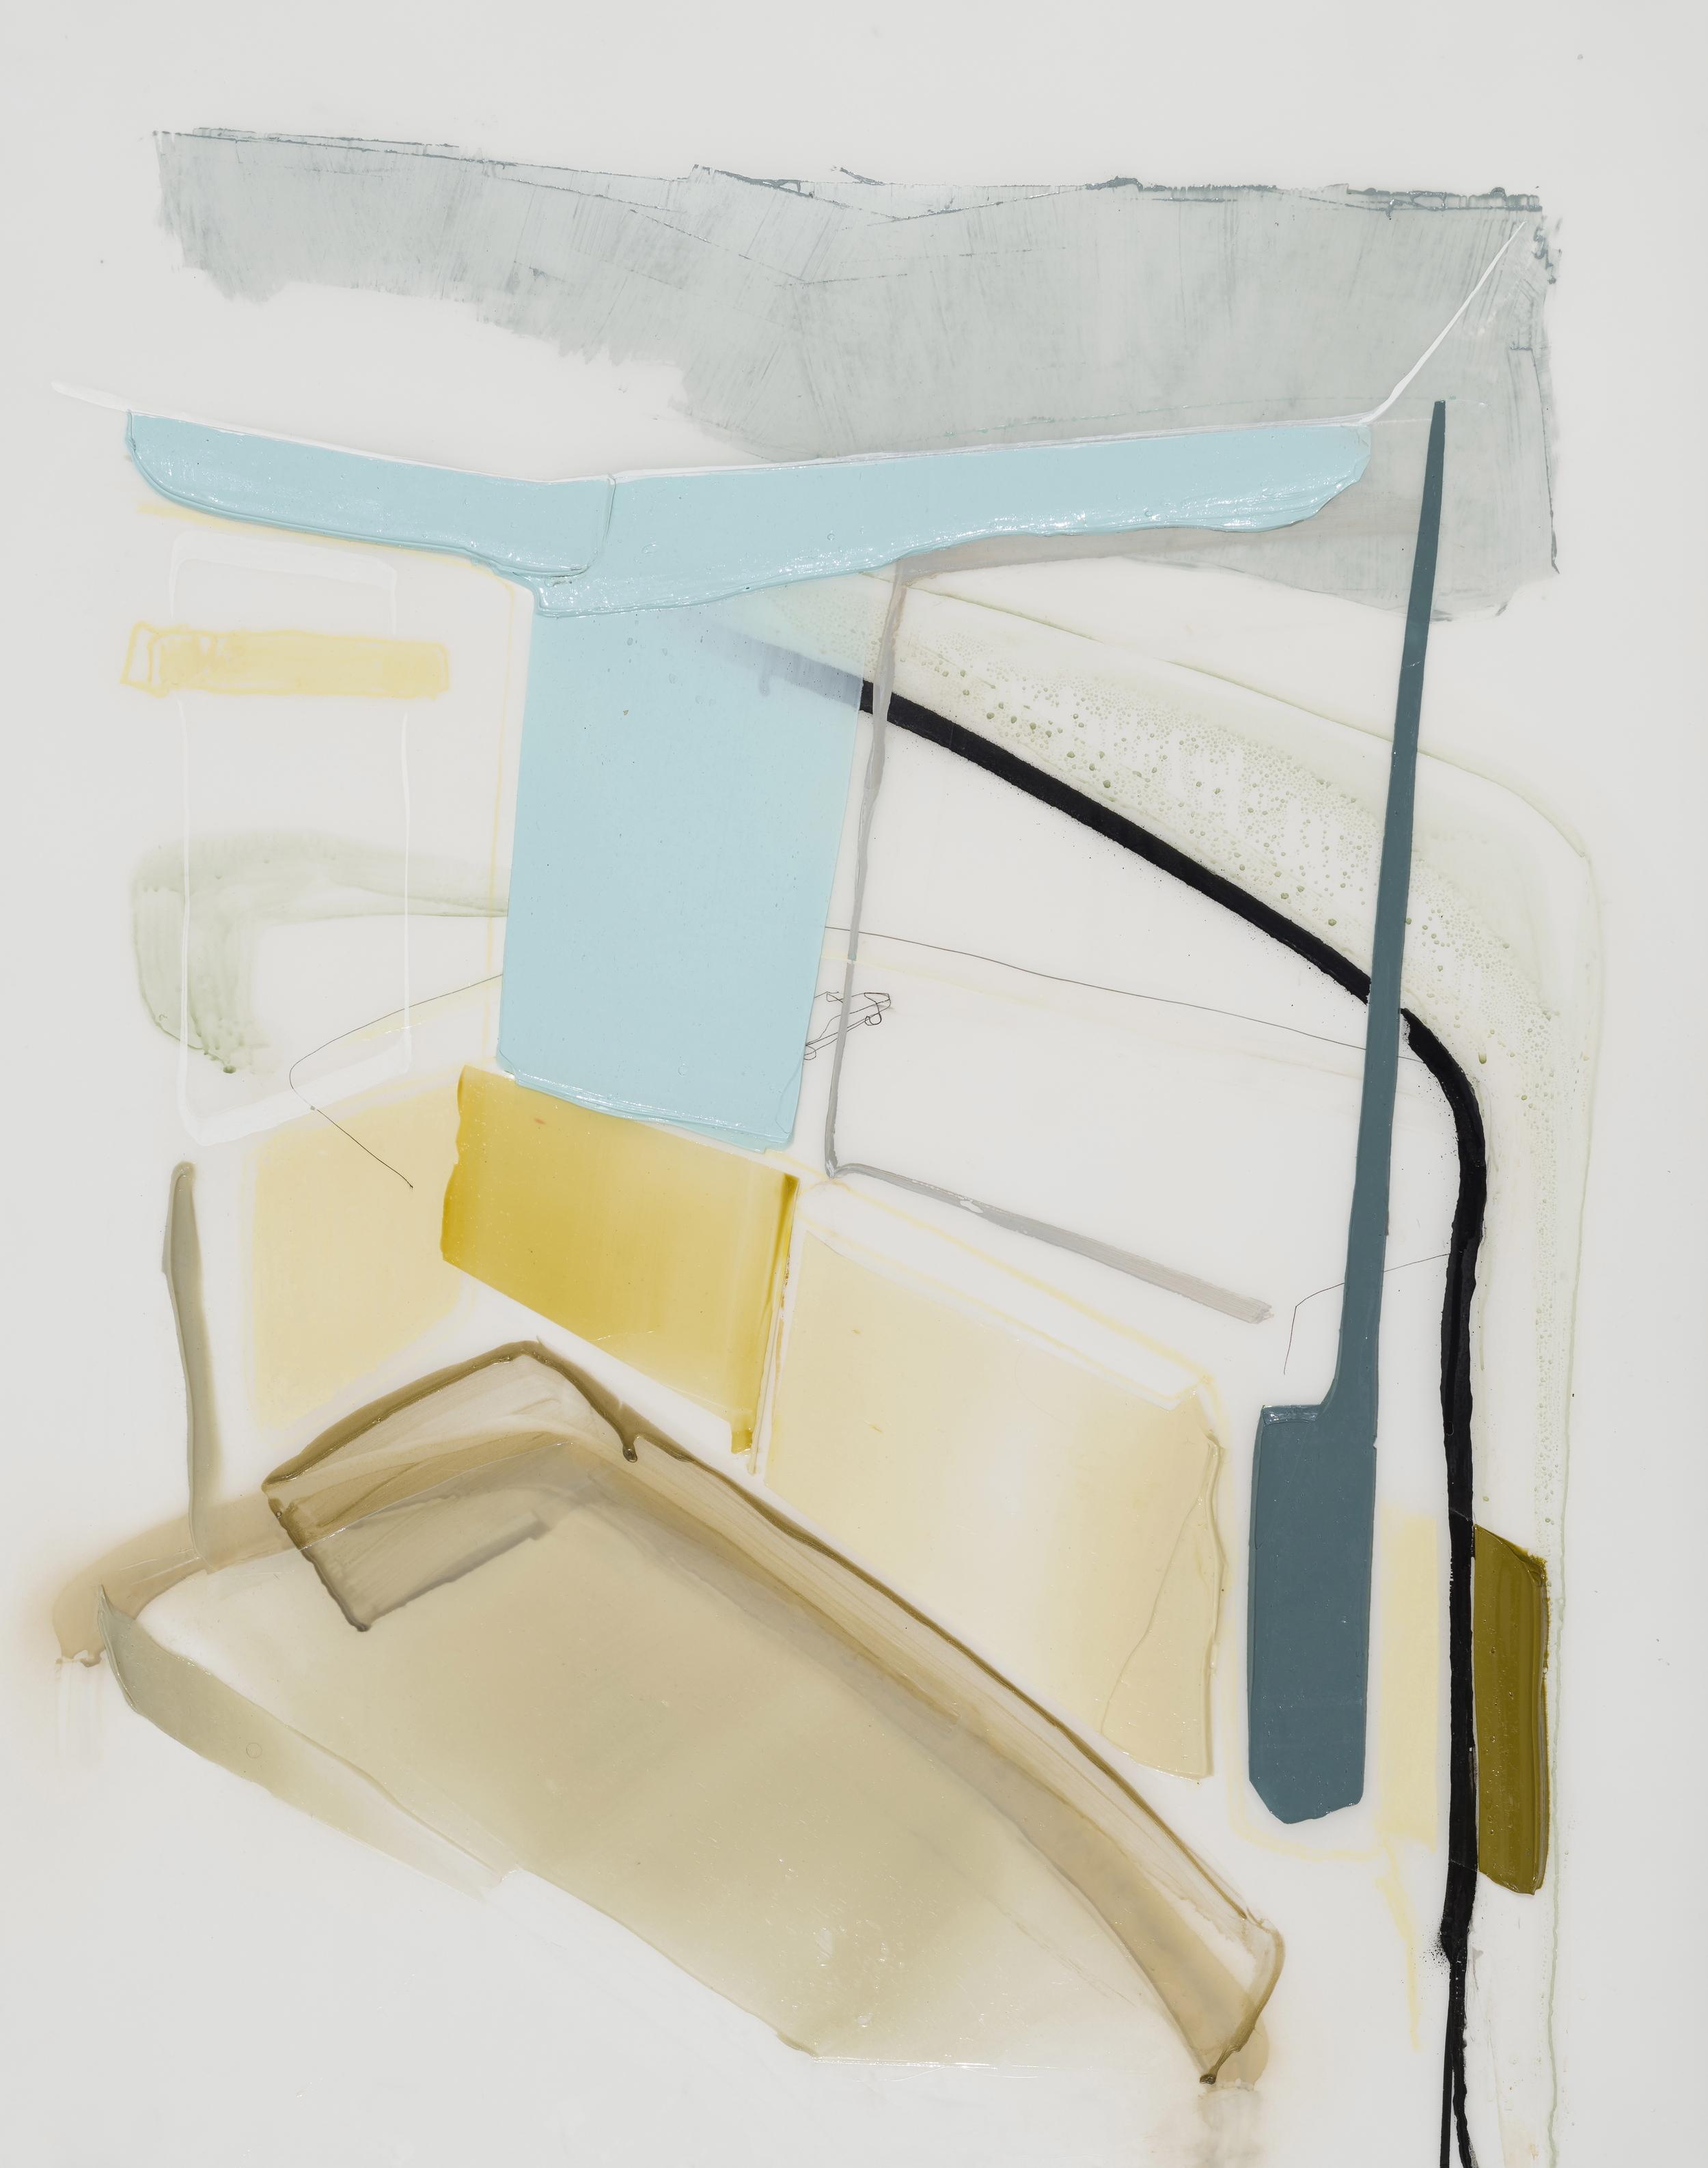 Chambre, 2016 acrylique et crayons sur Mylar     36'' x 27''